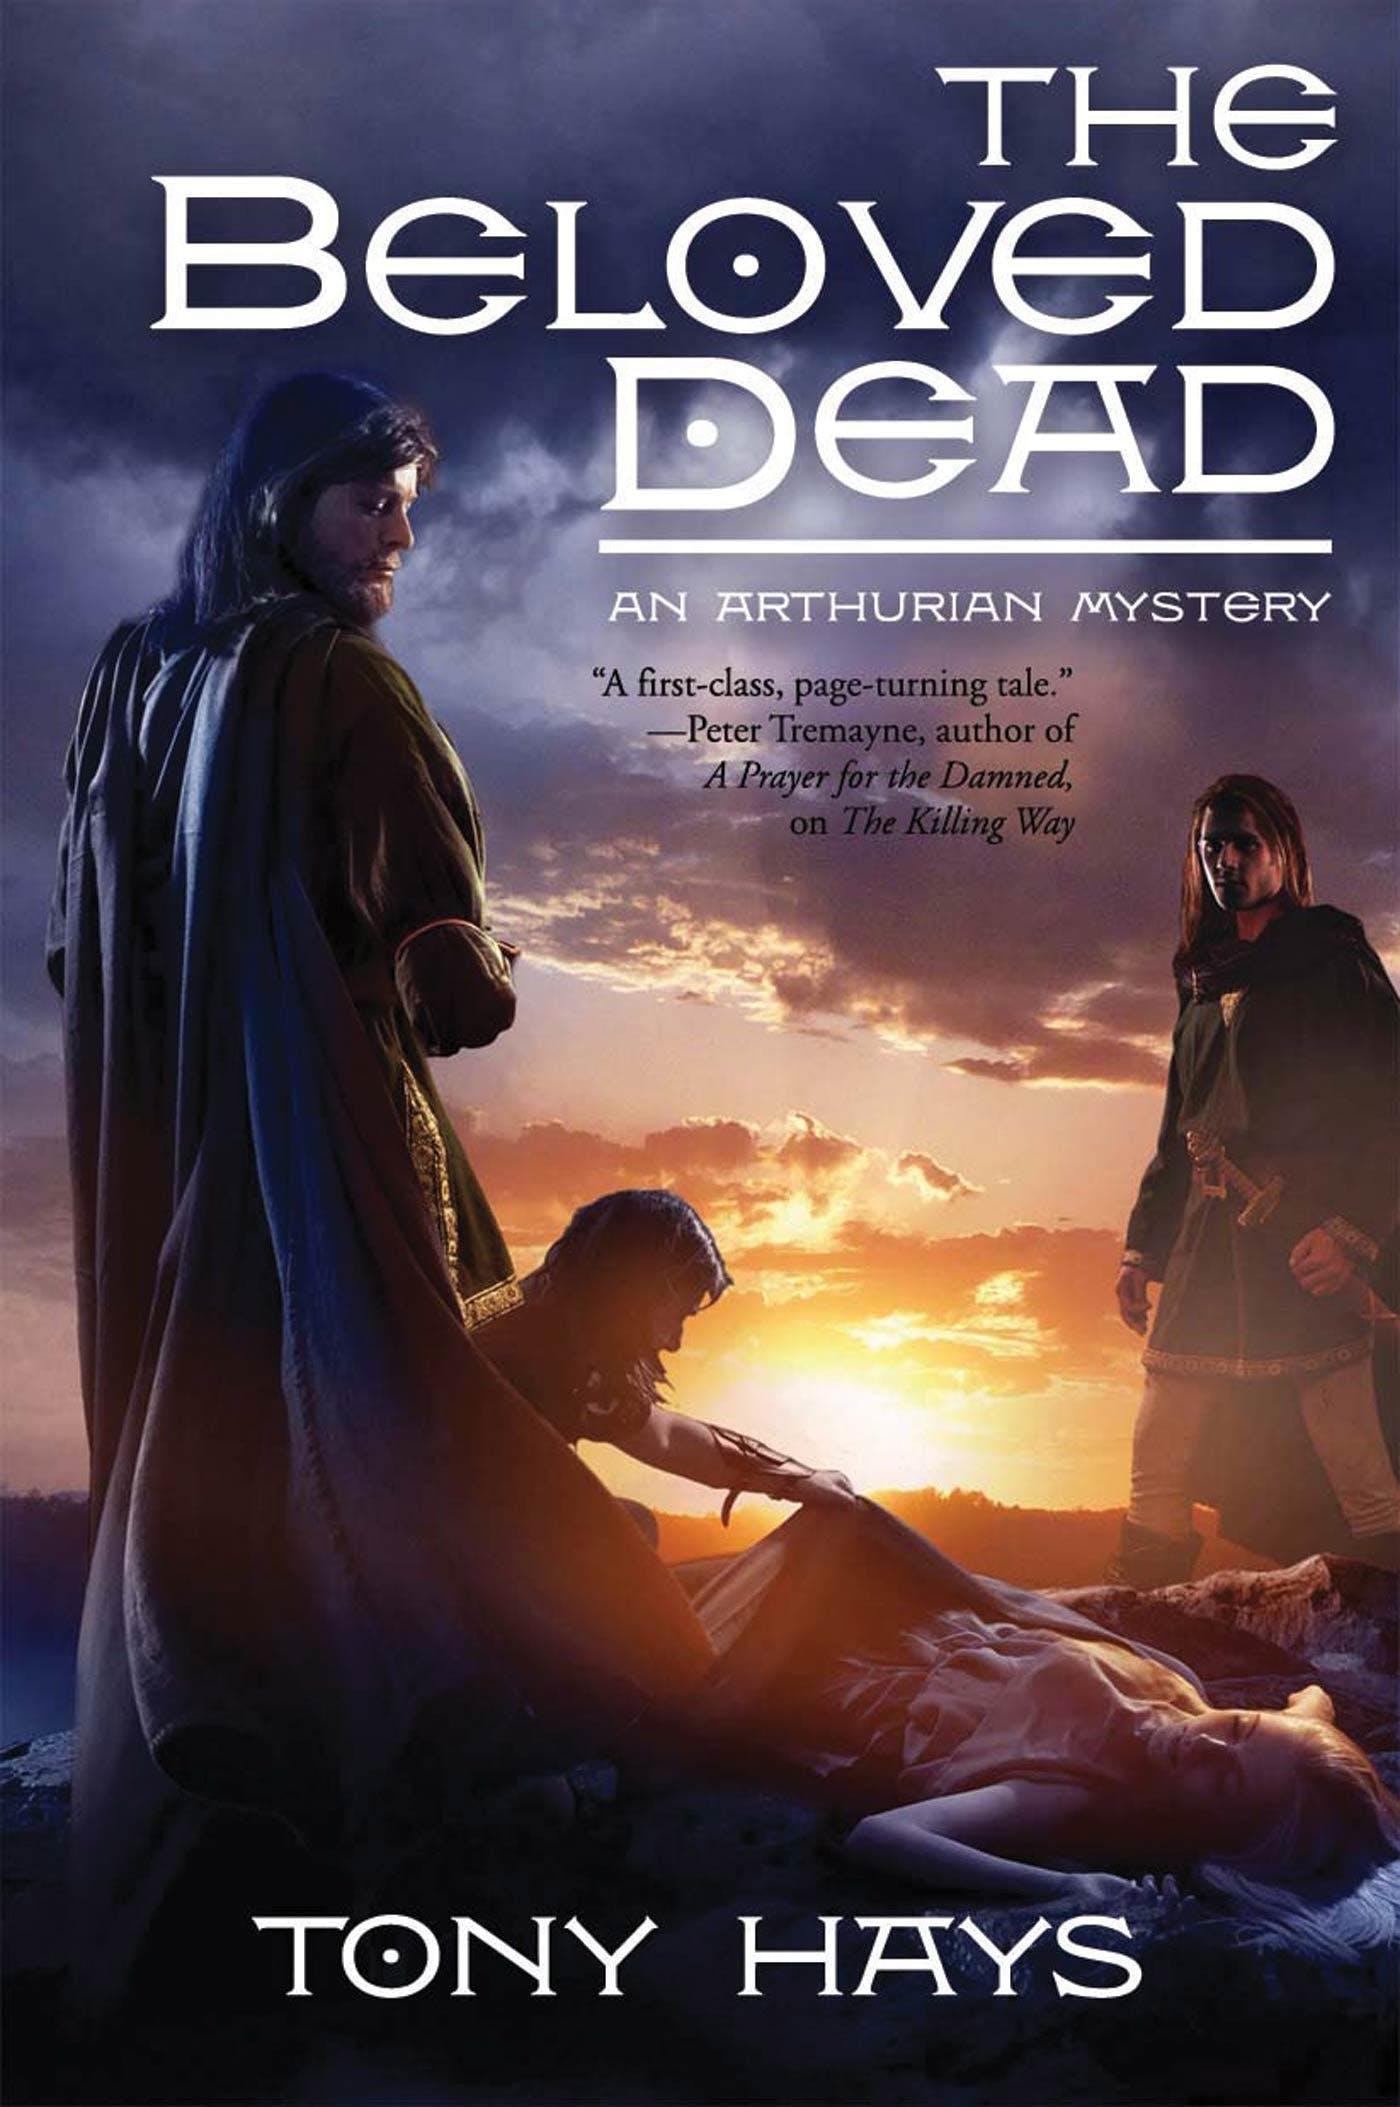 Image of The Beloved Dead